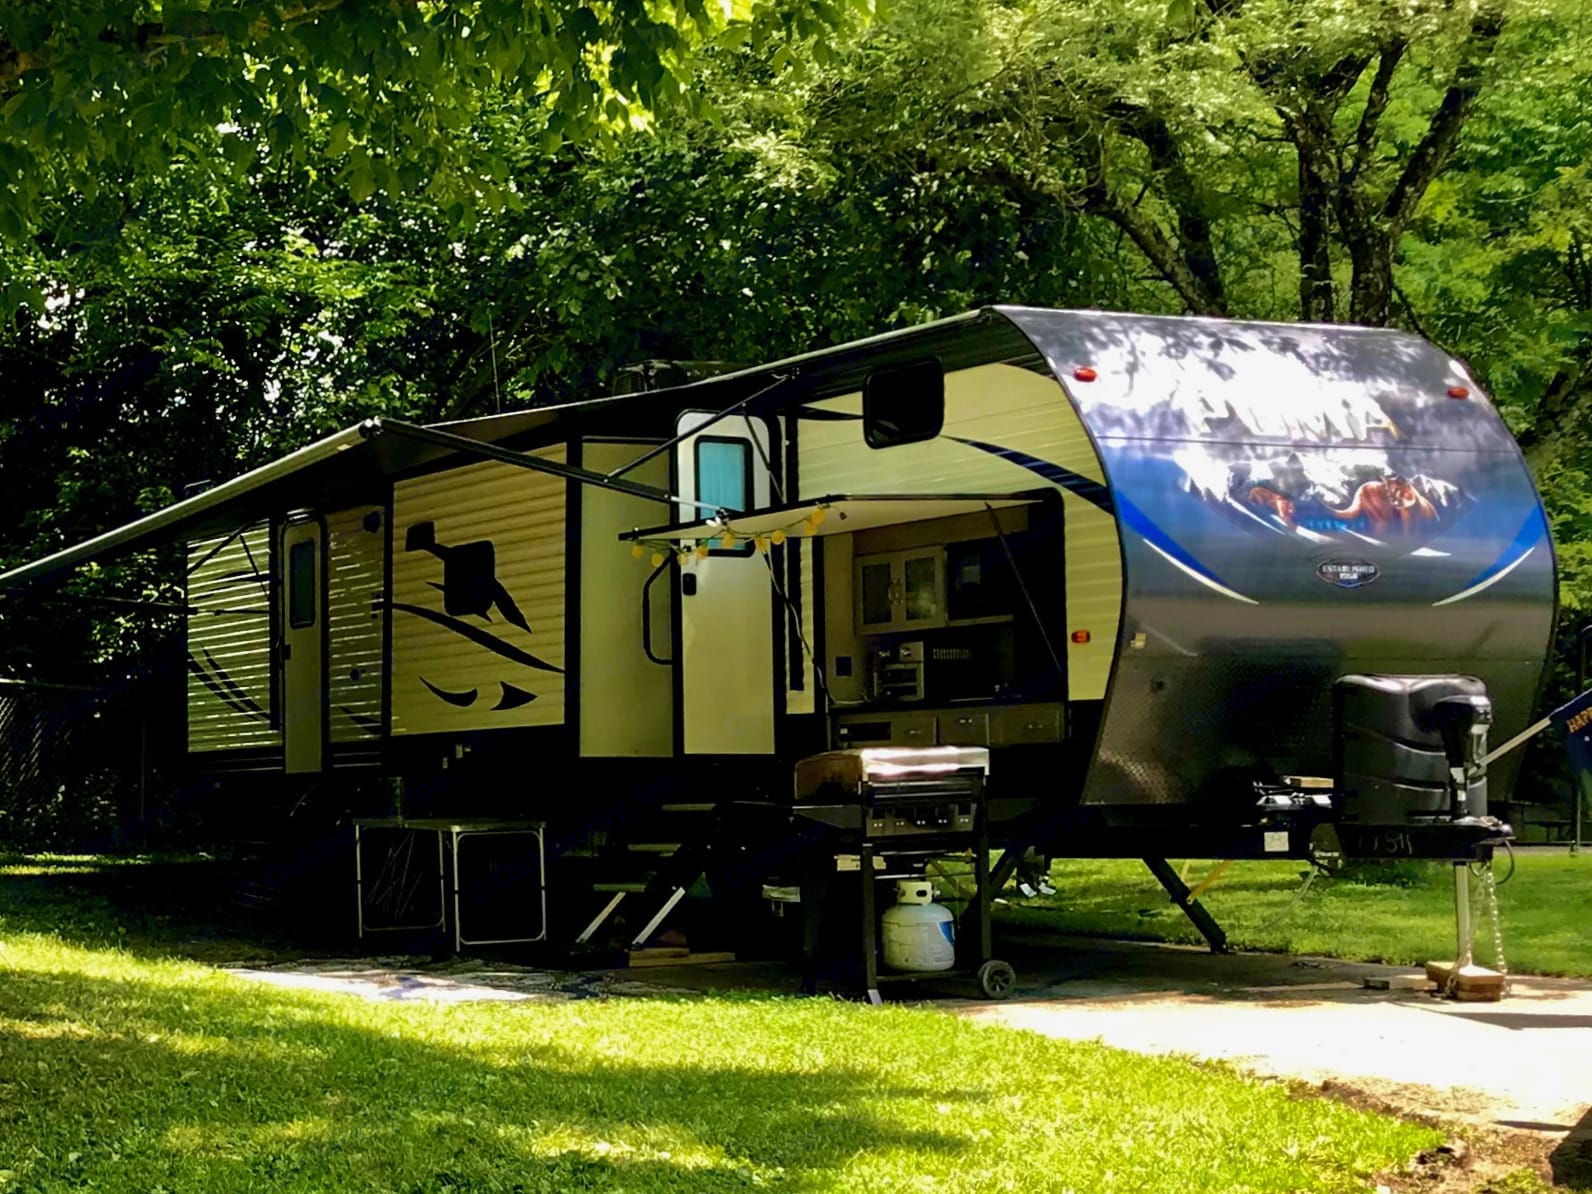 Our Puma on our favorite campsite :). Palomino Puma 2019